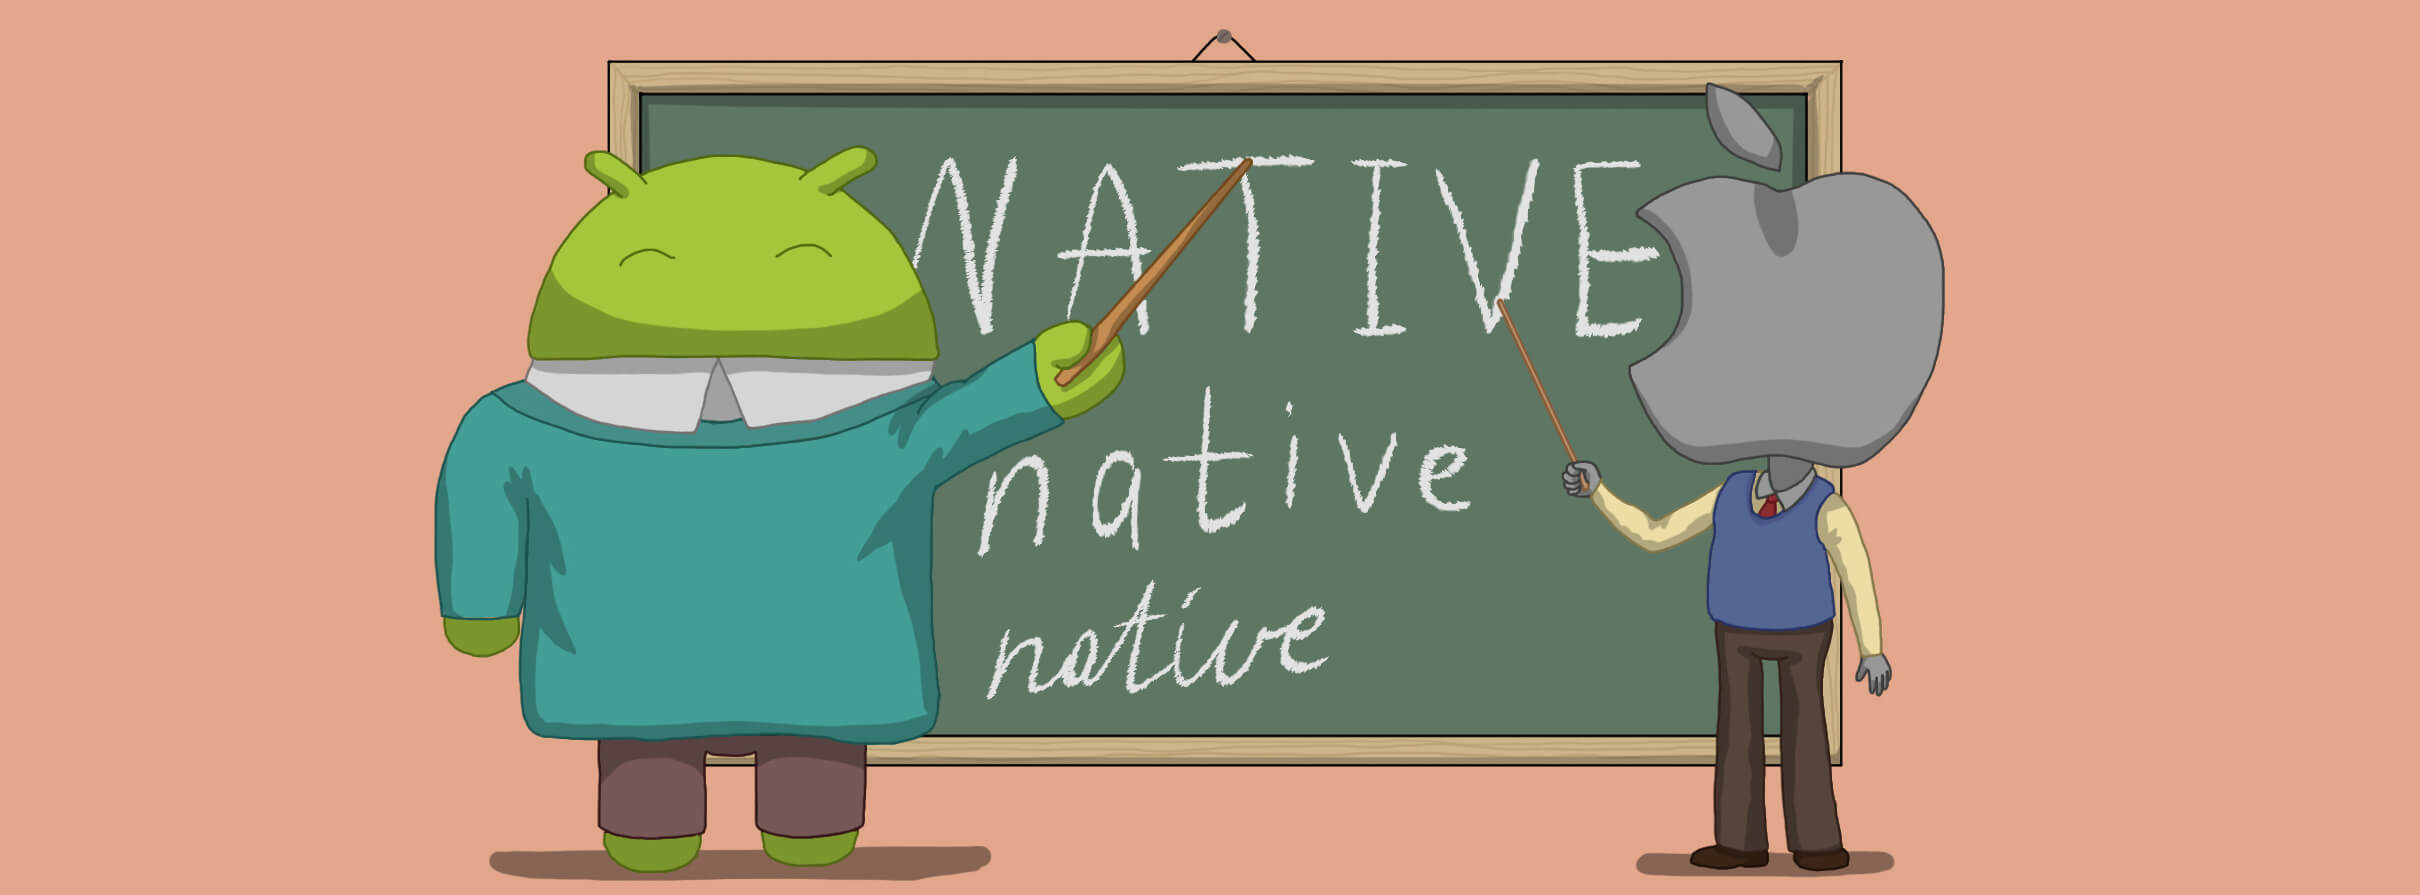 native mobile development